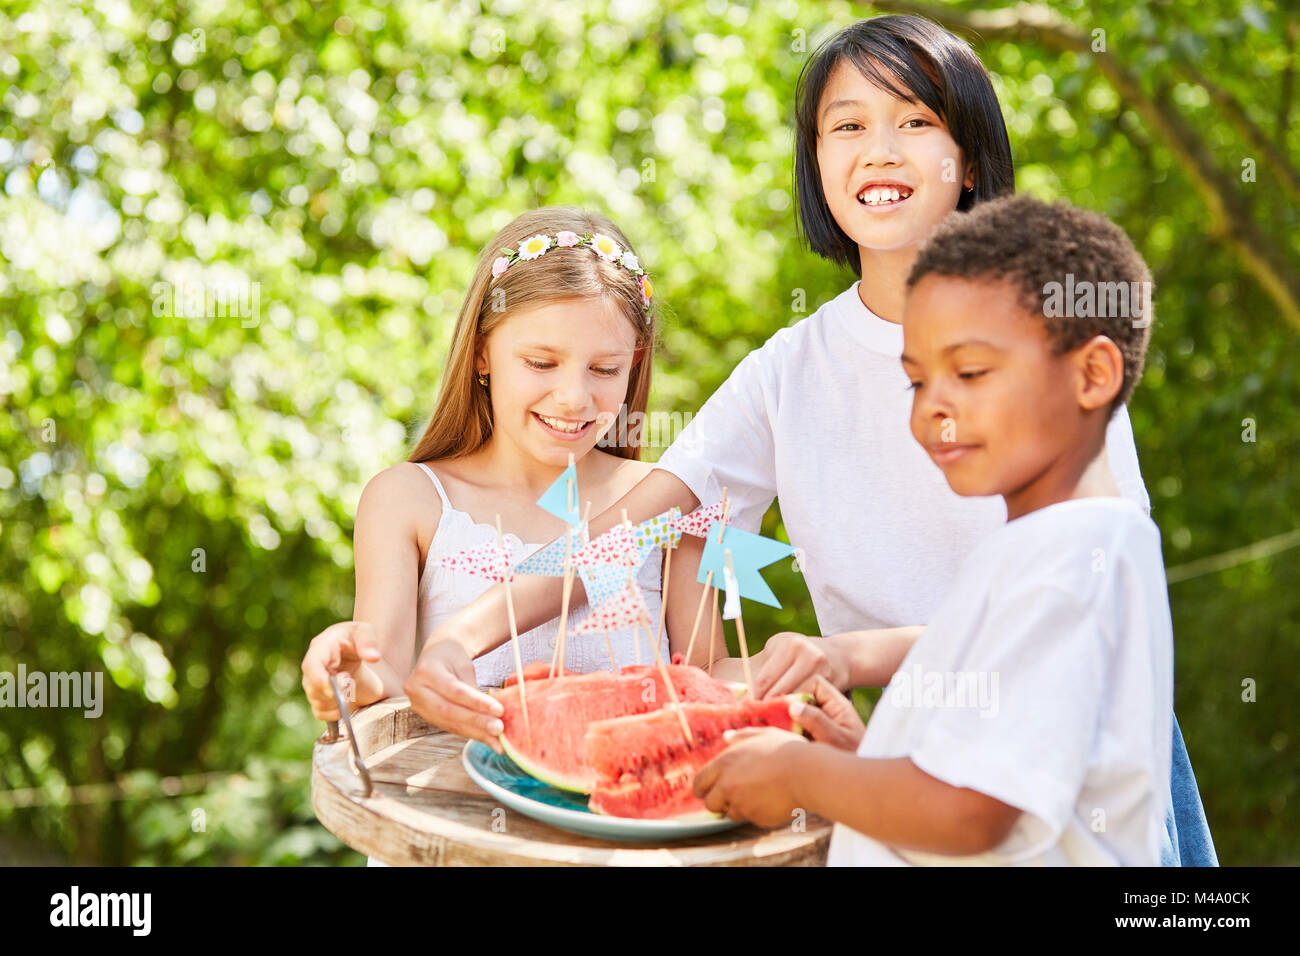 Grupo Multicultural de niños distribuye una sandía en garden party Imagen De Stock